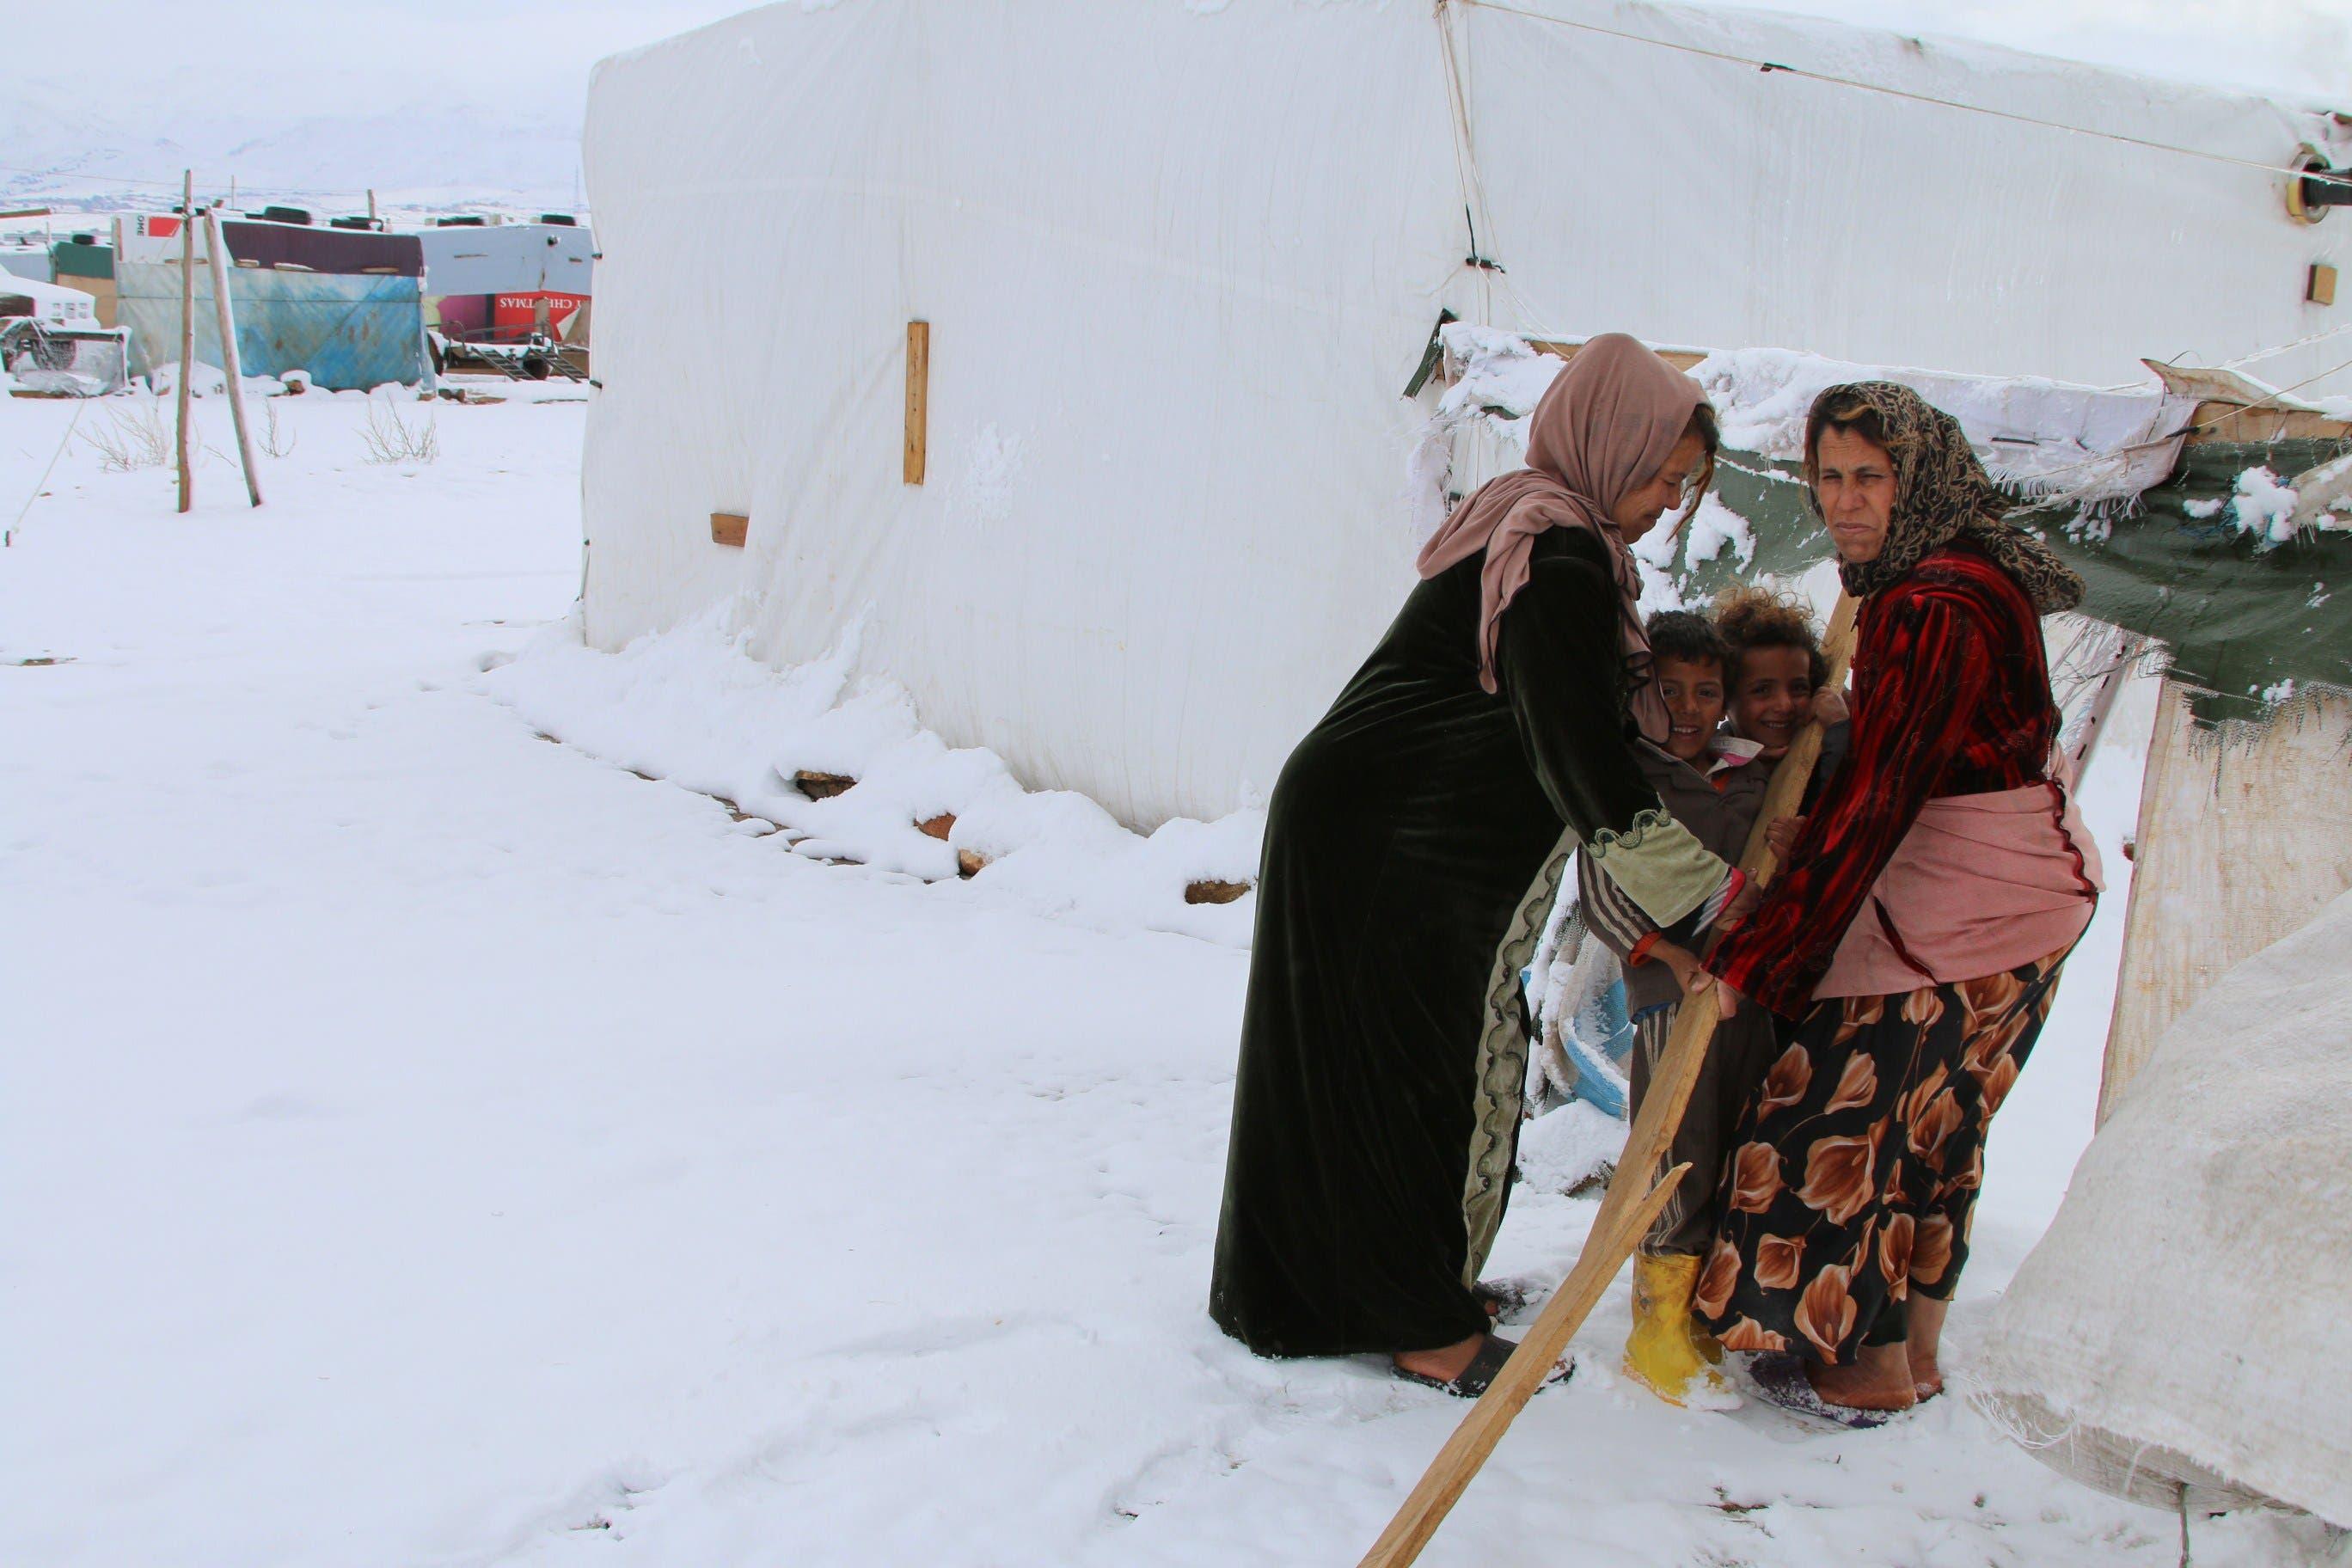 العاصفة الثلجية تجتاح خيام اللاجئين 296705ba-0992-486c-bbee-8a191e59f089.jpg